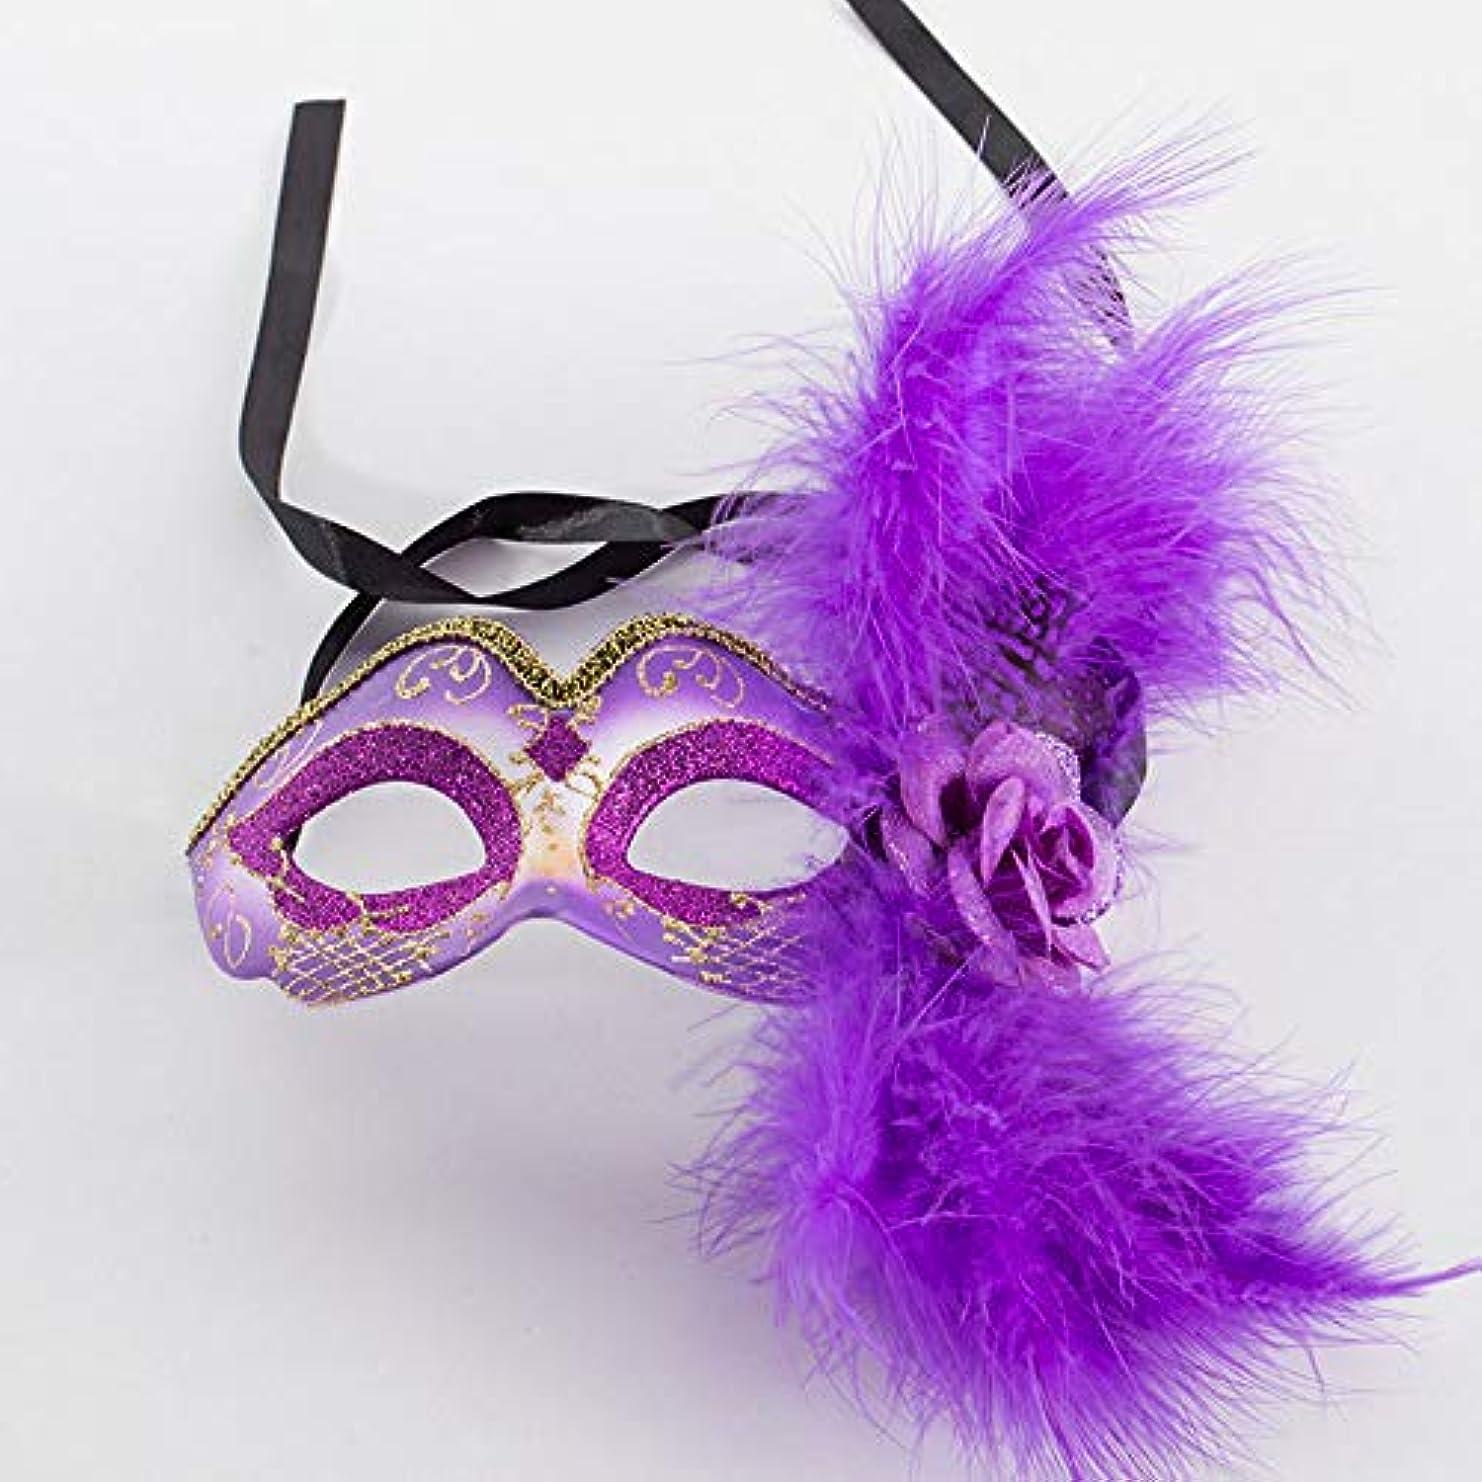 以内にプロジェクター送金レディー女の子コスチュームベネチアンマスクフェザーマスカレードハロウィーンマルディグラコスプレパーティー仮面14.5x7.5cmマスク,紫色